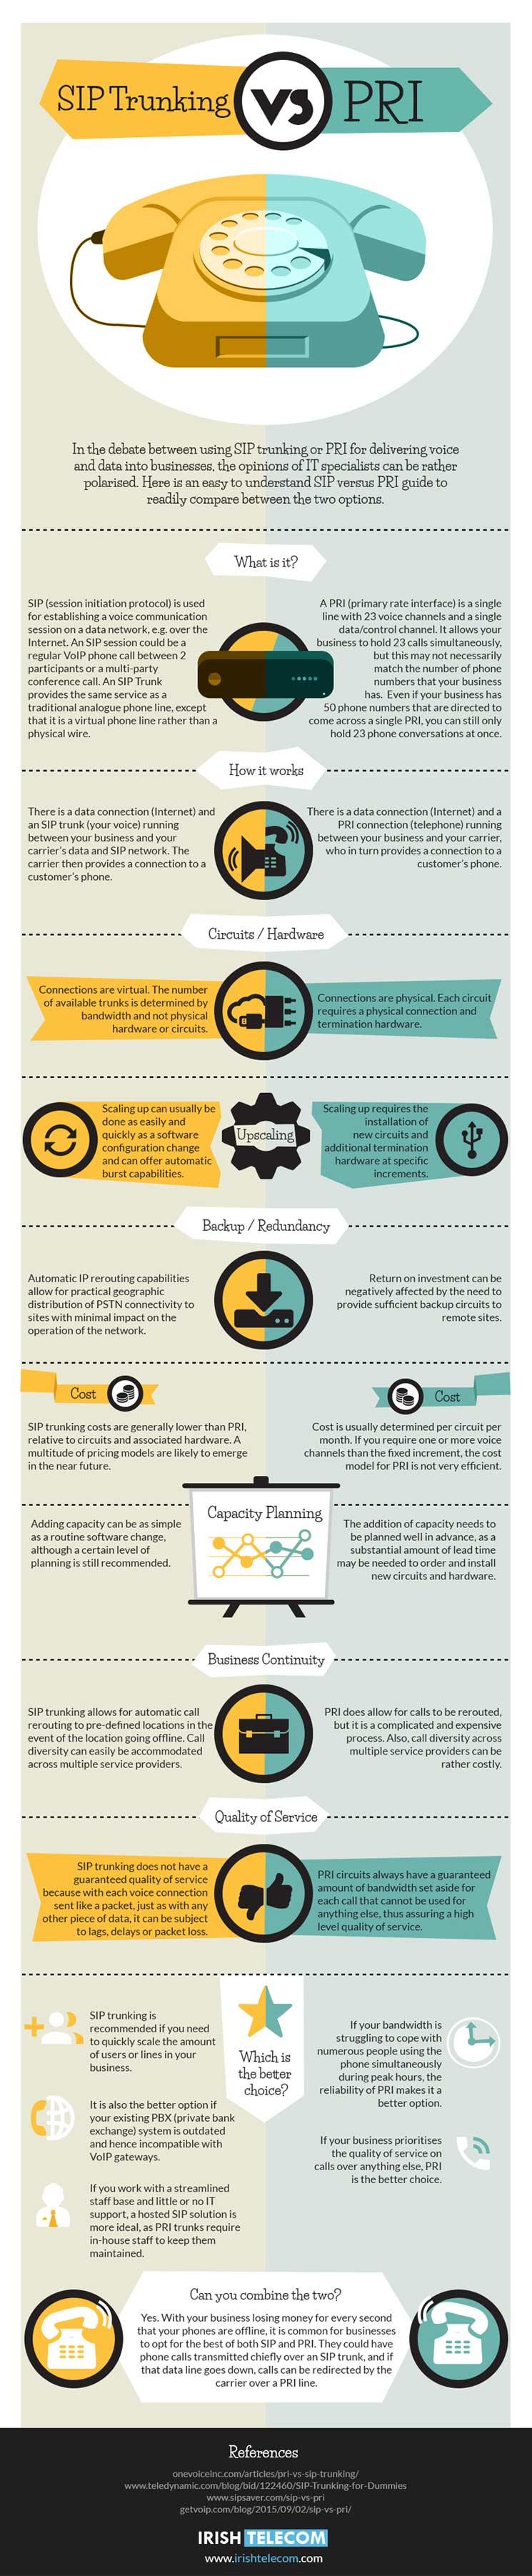 sip-trunking-vs-pri-infographic